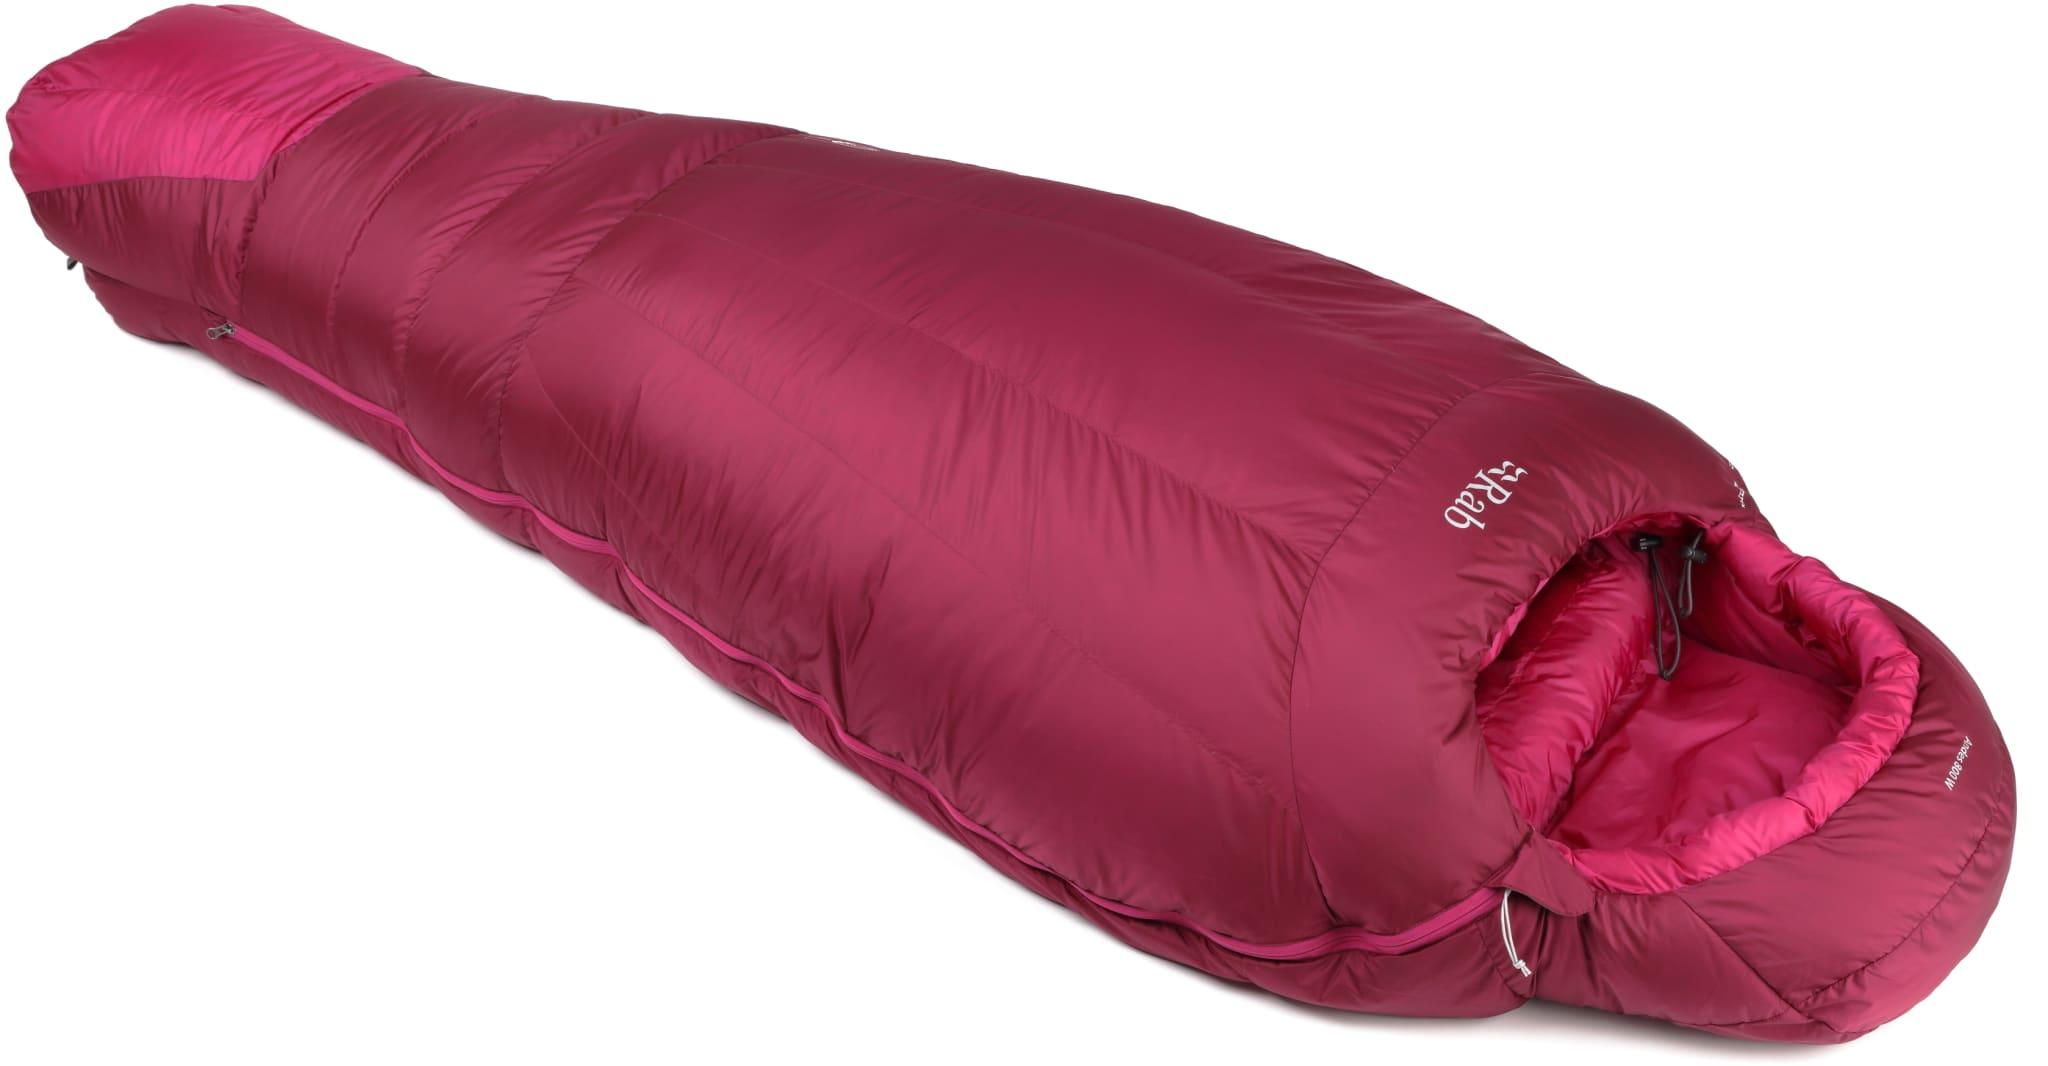 Perfekt dunpose for vinterturene